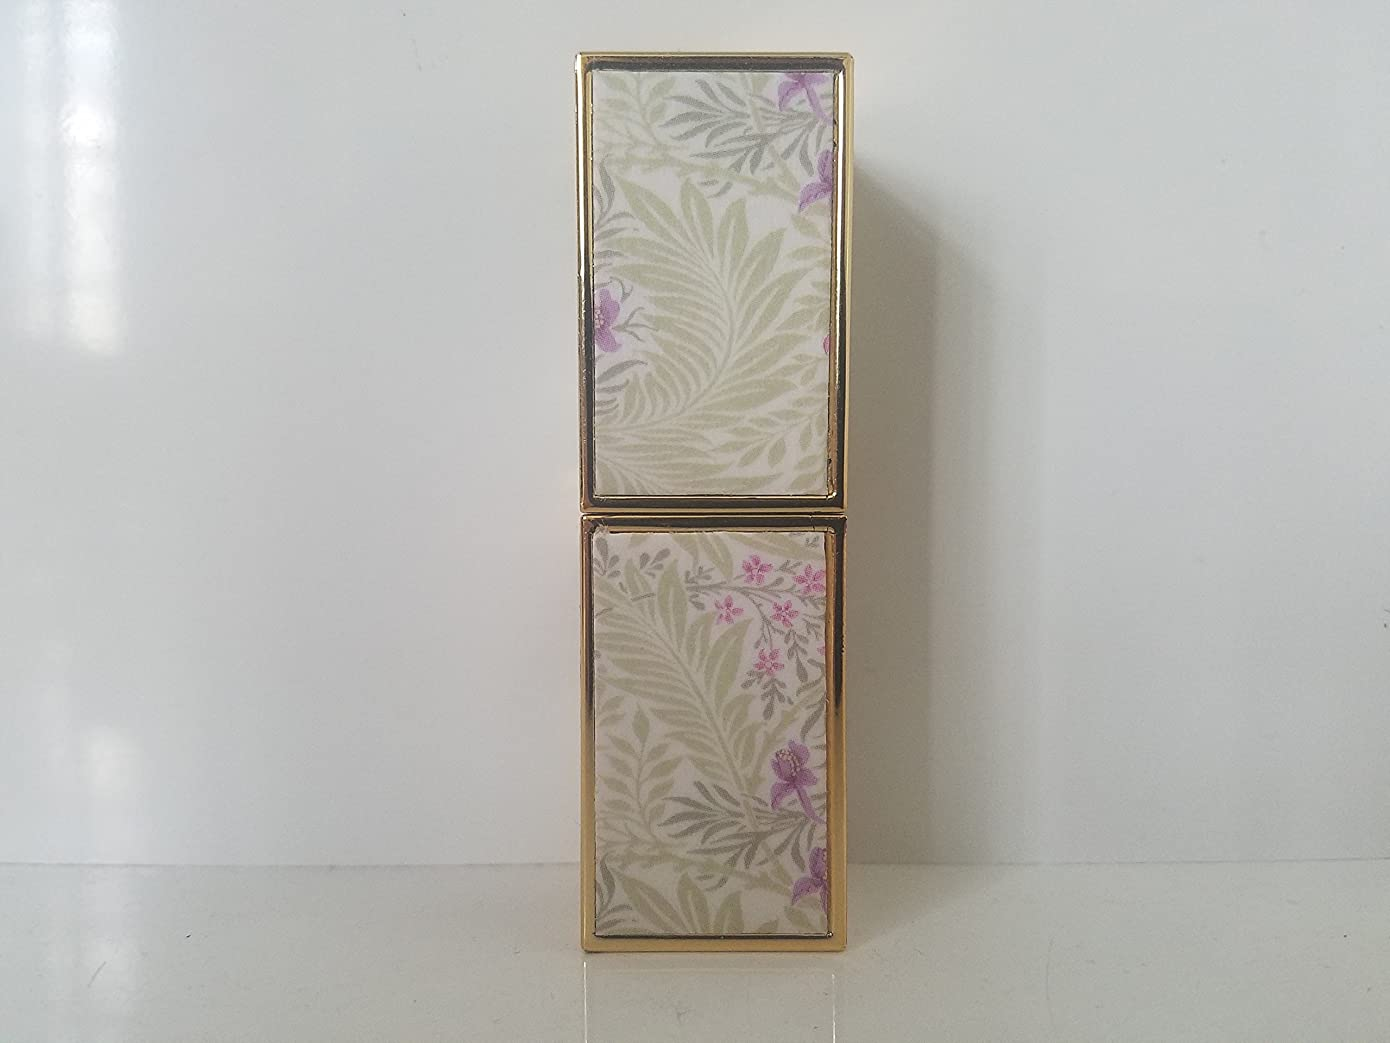 集計満了もっと紫色の花と葉 ビューティー メイクアップ リップクリーム 口红